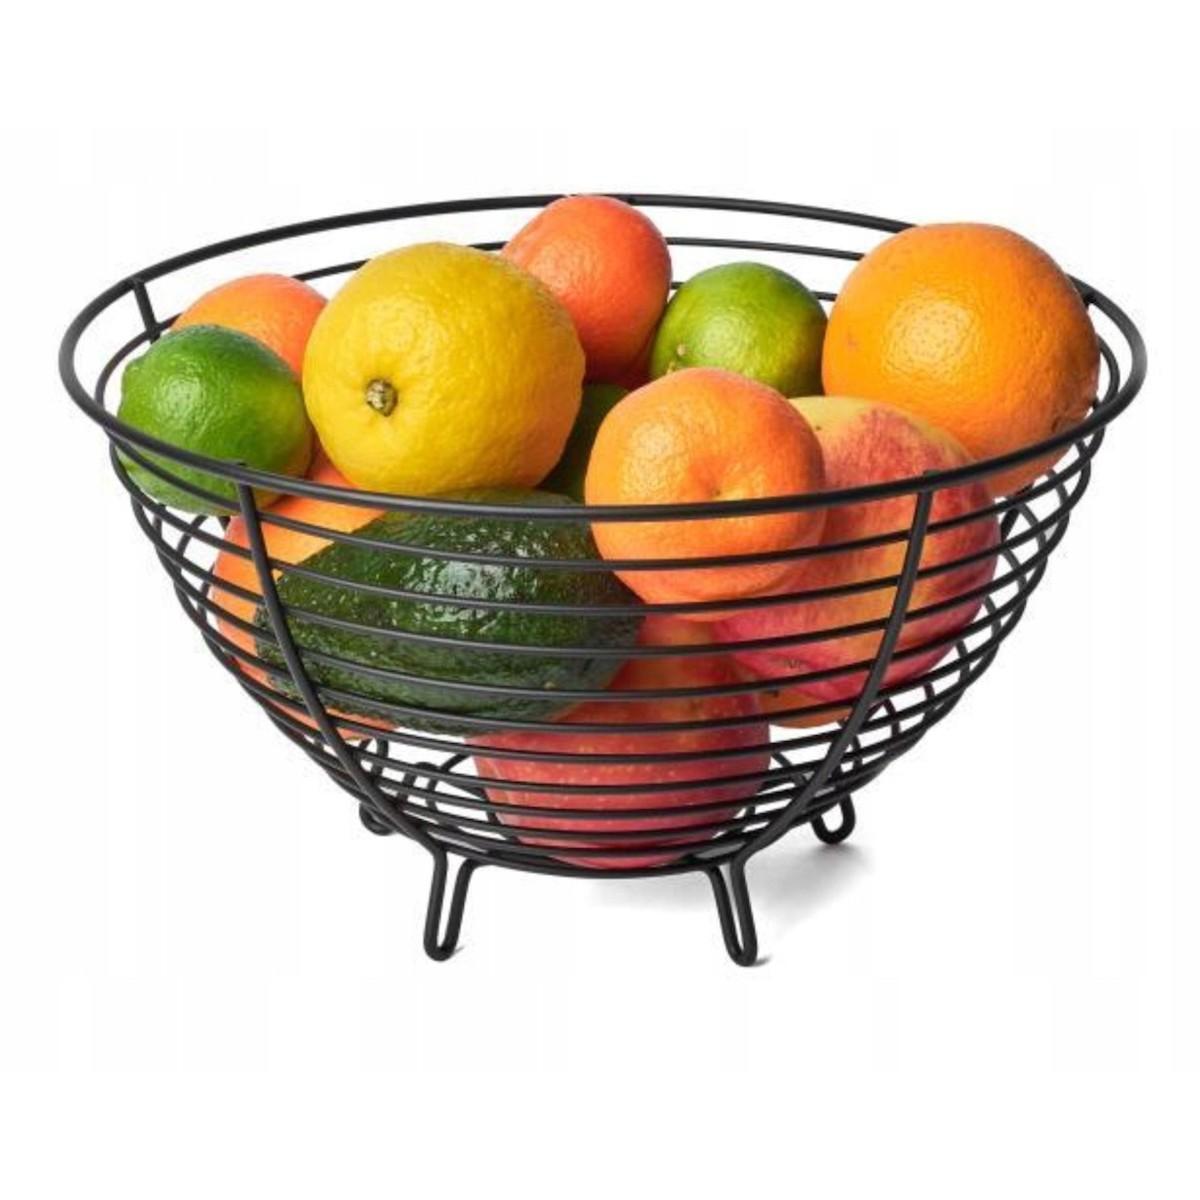 košík na ovocie čierny drôtený 28x16cm megamix.sk